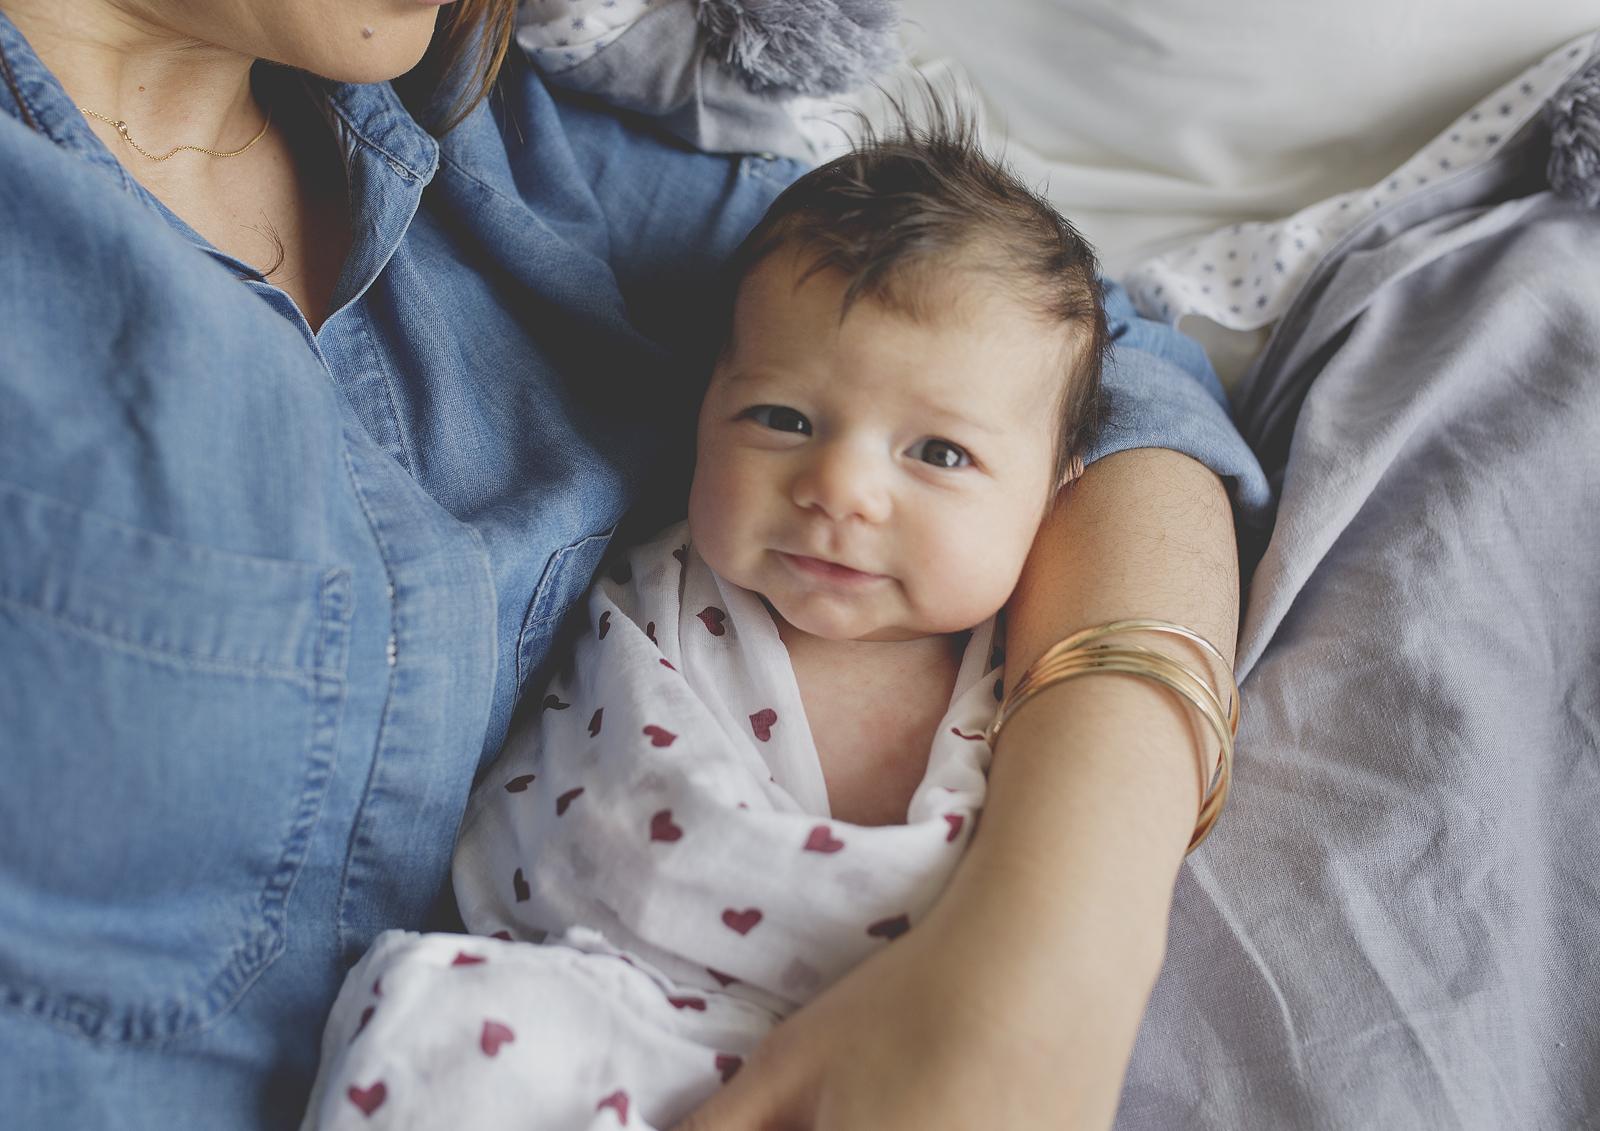 Smiling newborn baby!